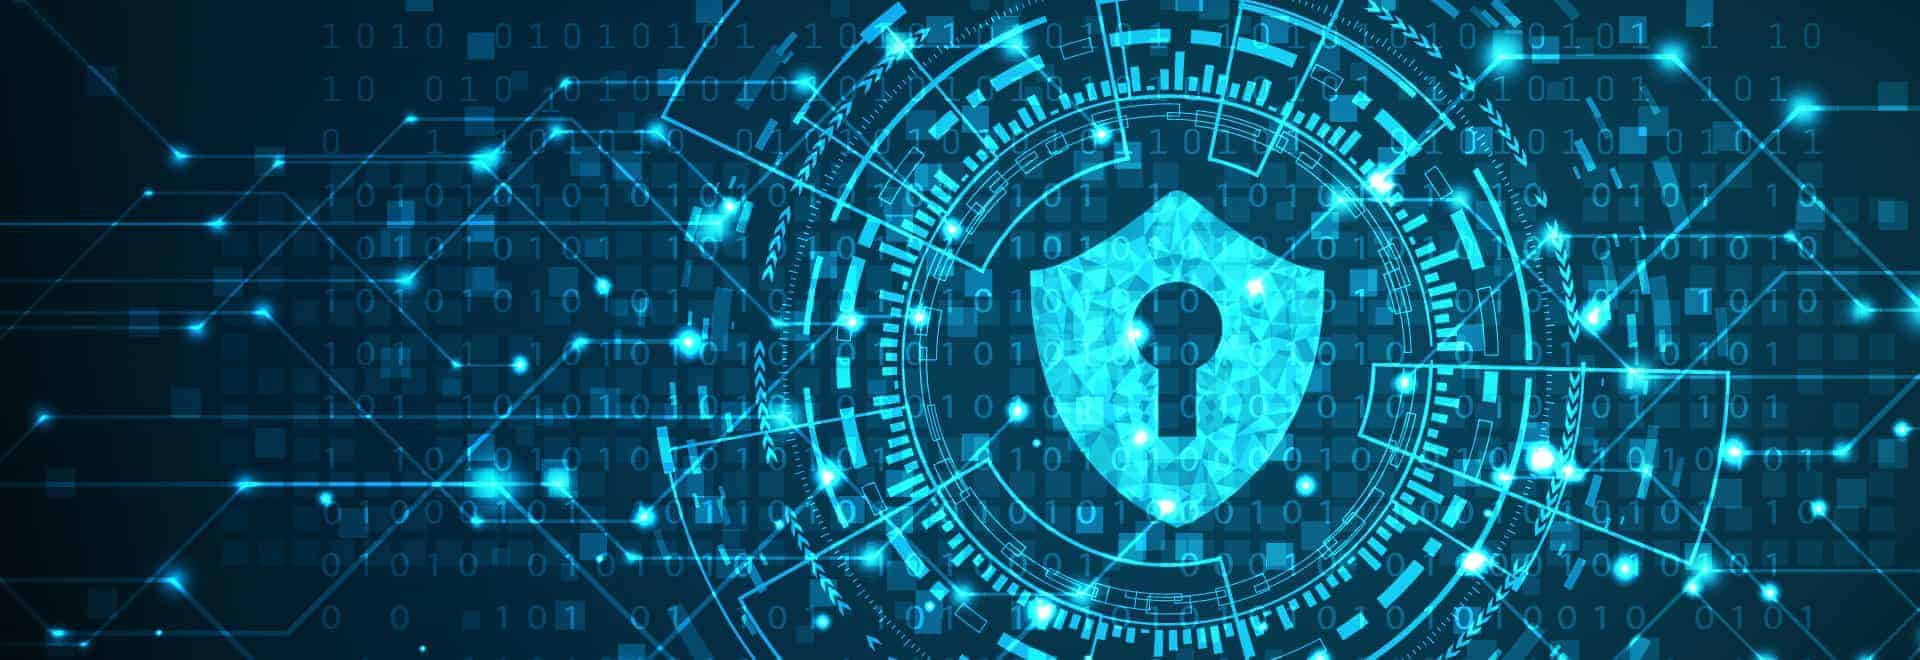 Sicherheit im IT-Bereich